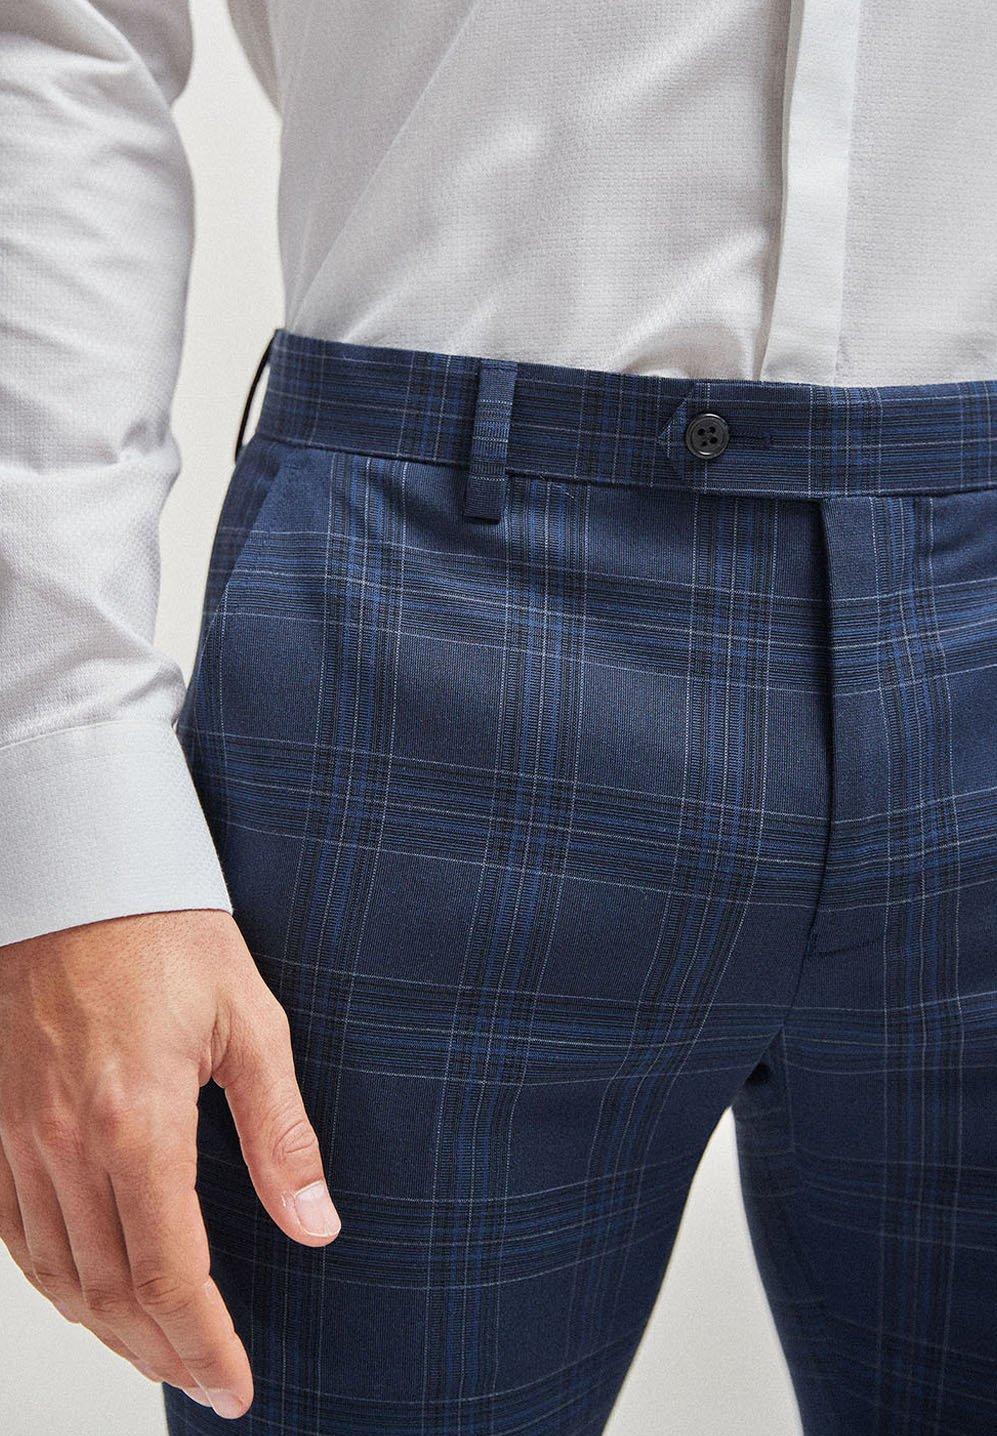 Homme CHECK SUIT: TROUSERS-SUPER SKINNY FIT - Pantalon de costume